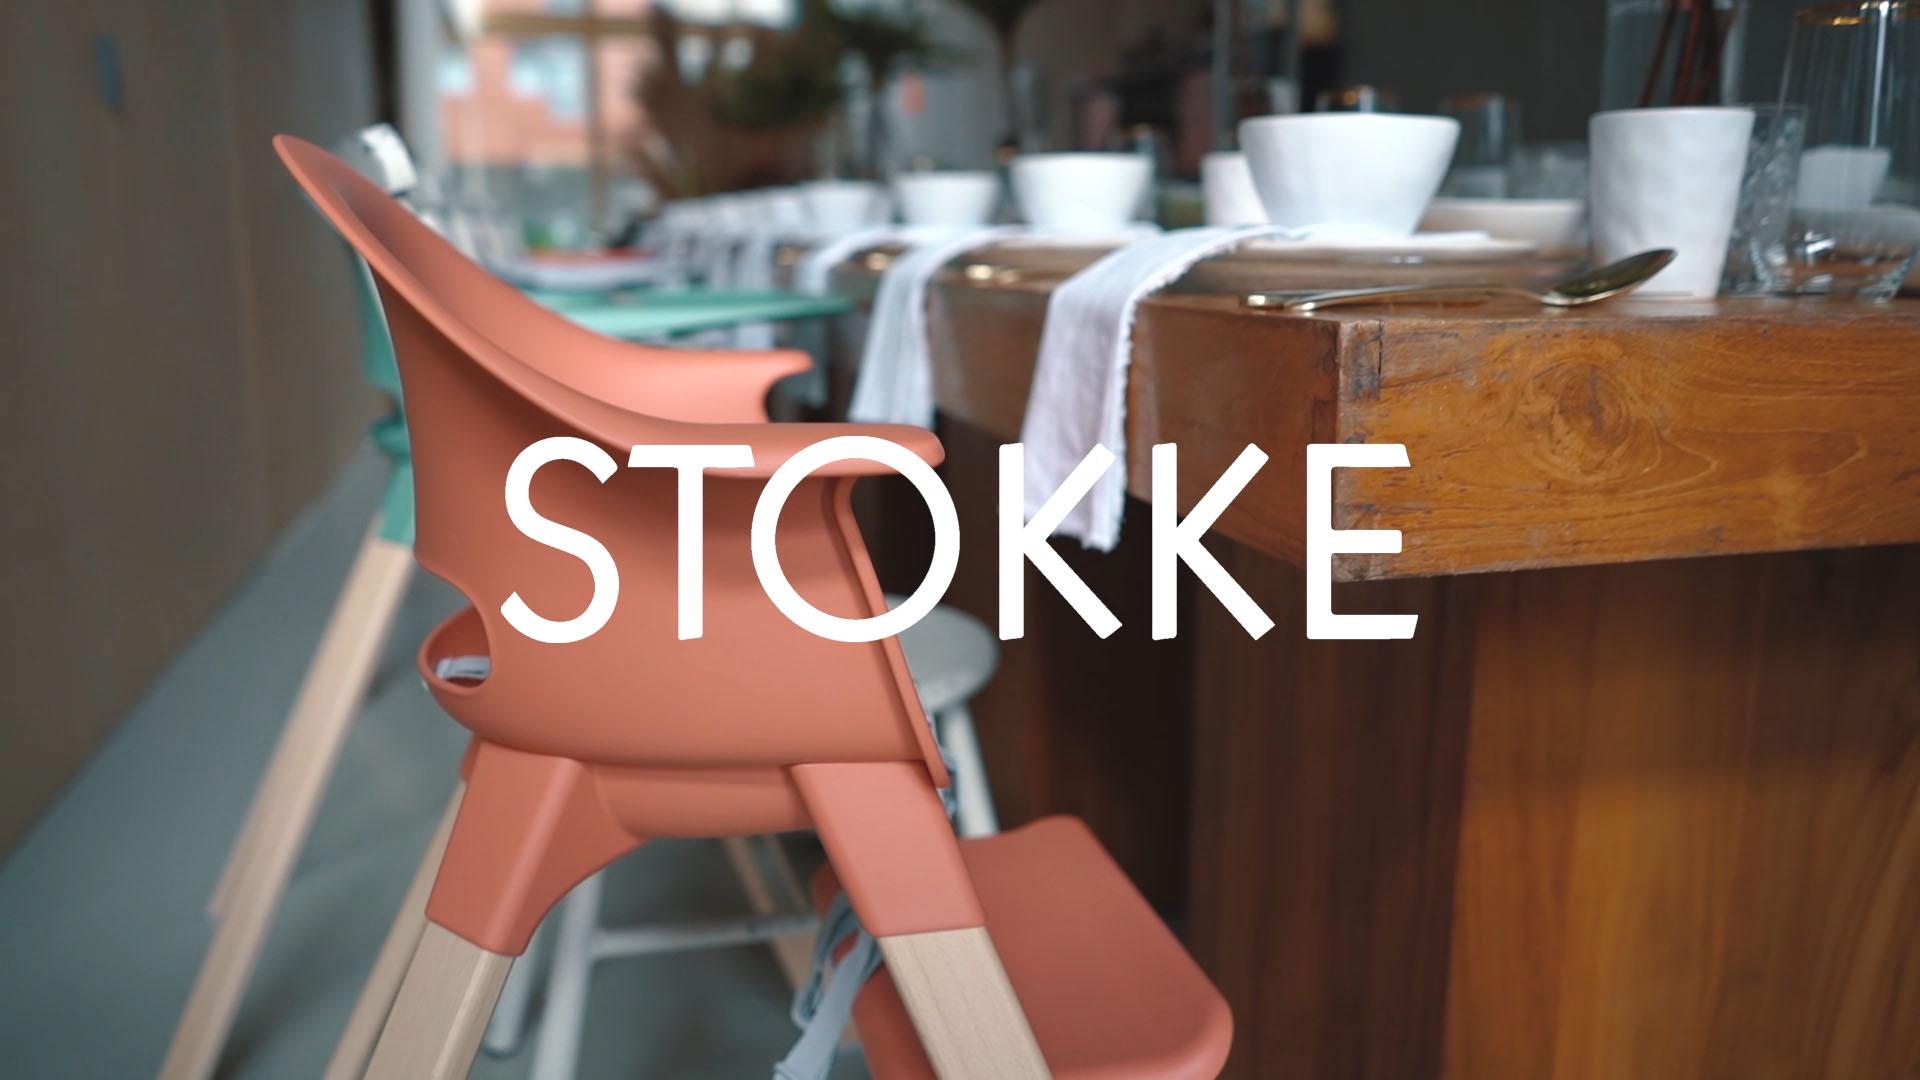 snorren Stokke video 8